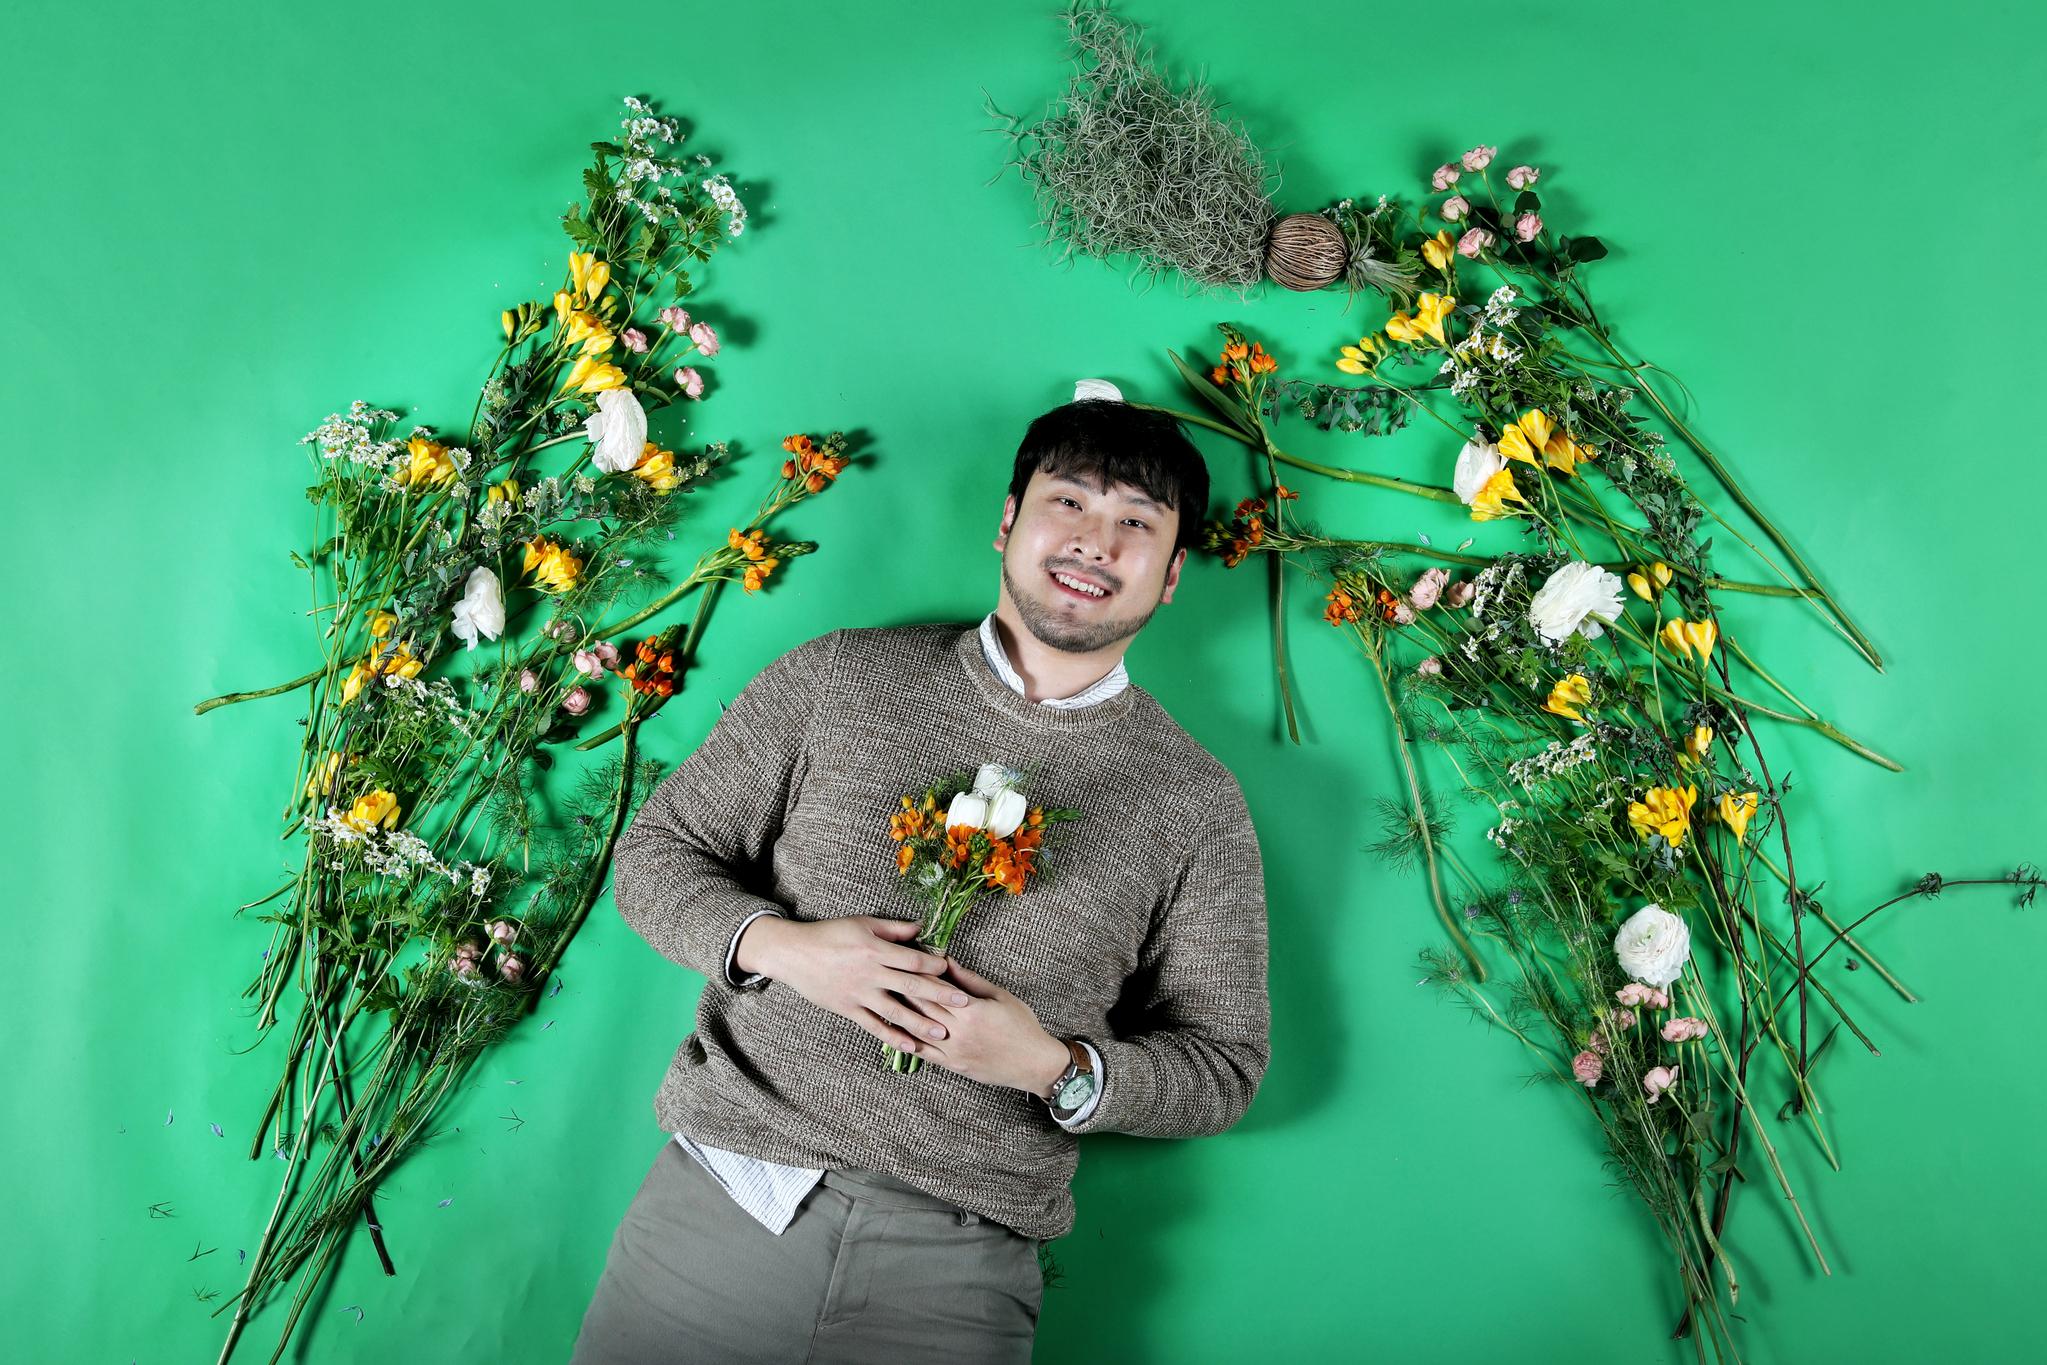 금남의 구역에 도전한 플로리스트 허정목씨가 봄철에 어울리는 꽃들과 함께 하고 있다. 장진영 기자